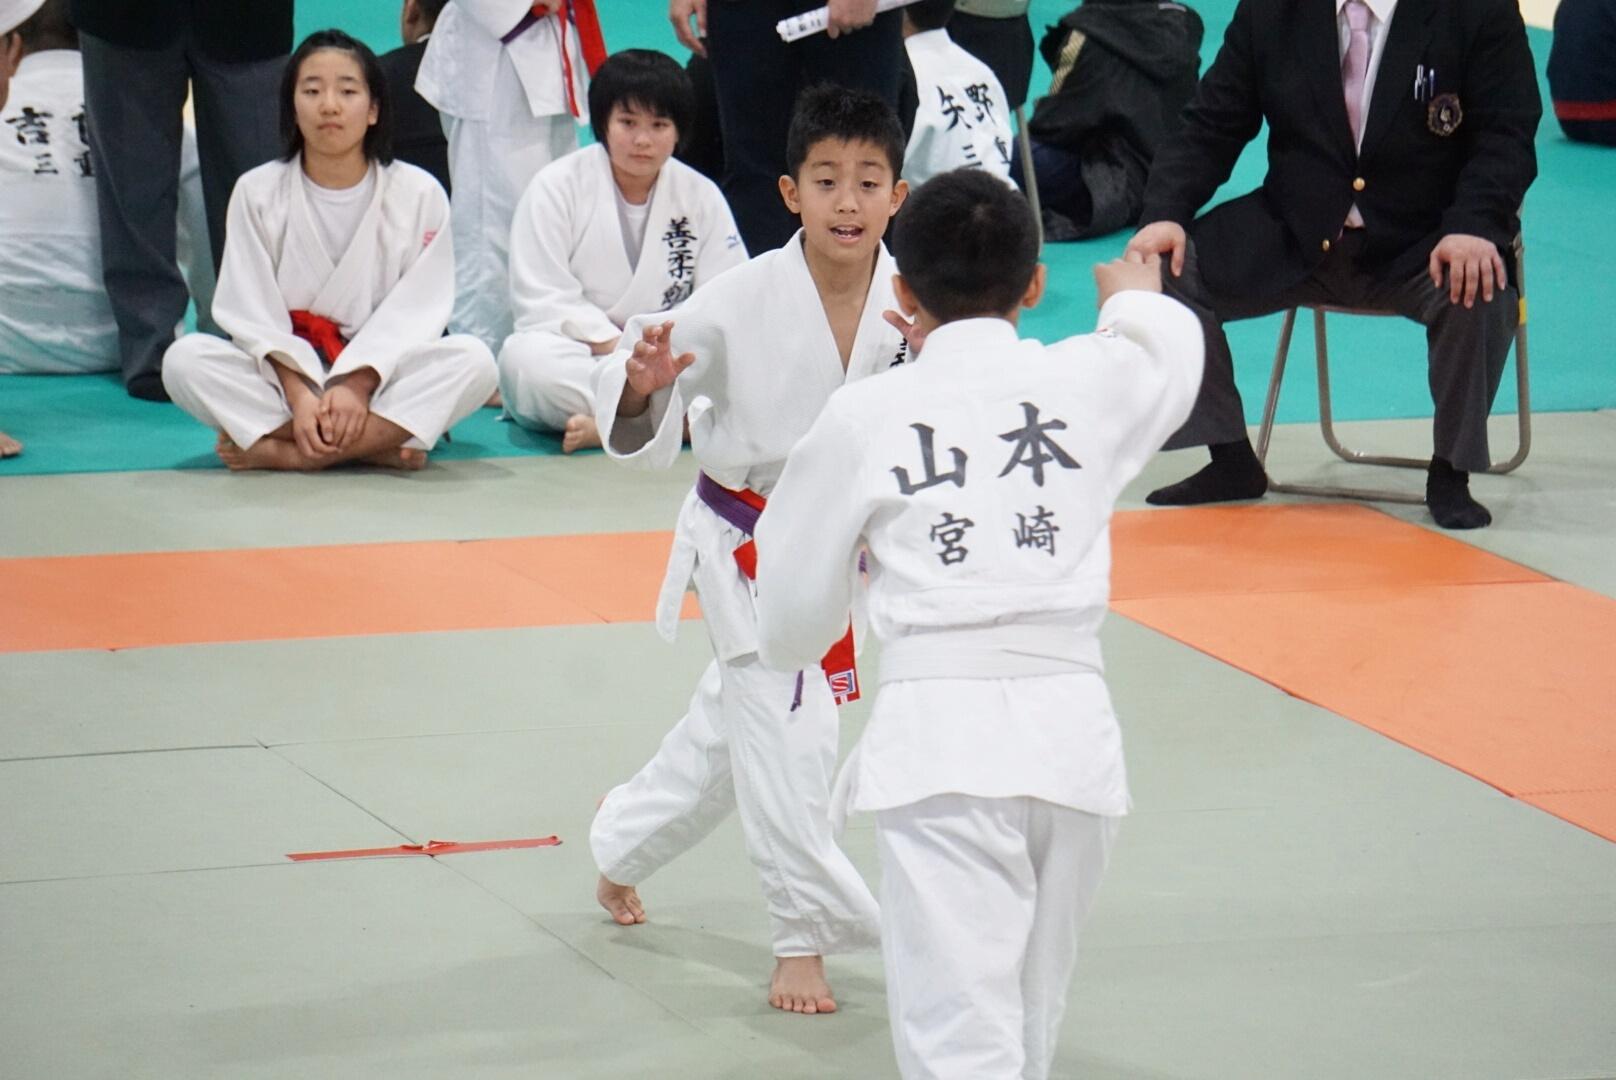 2020 柳ヶ浦少年柔道大会_b0172494_21083475.jpg